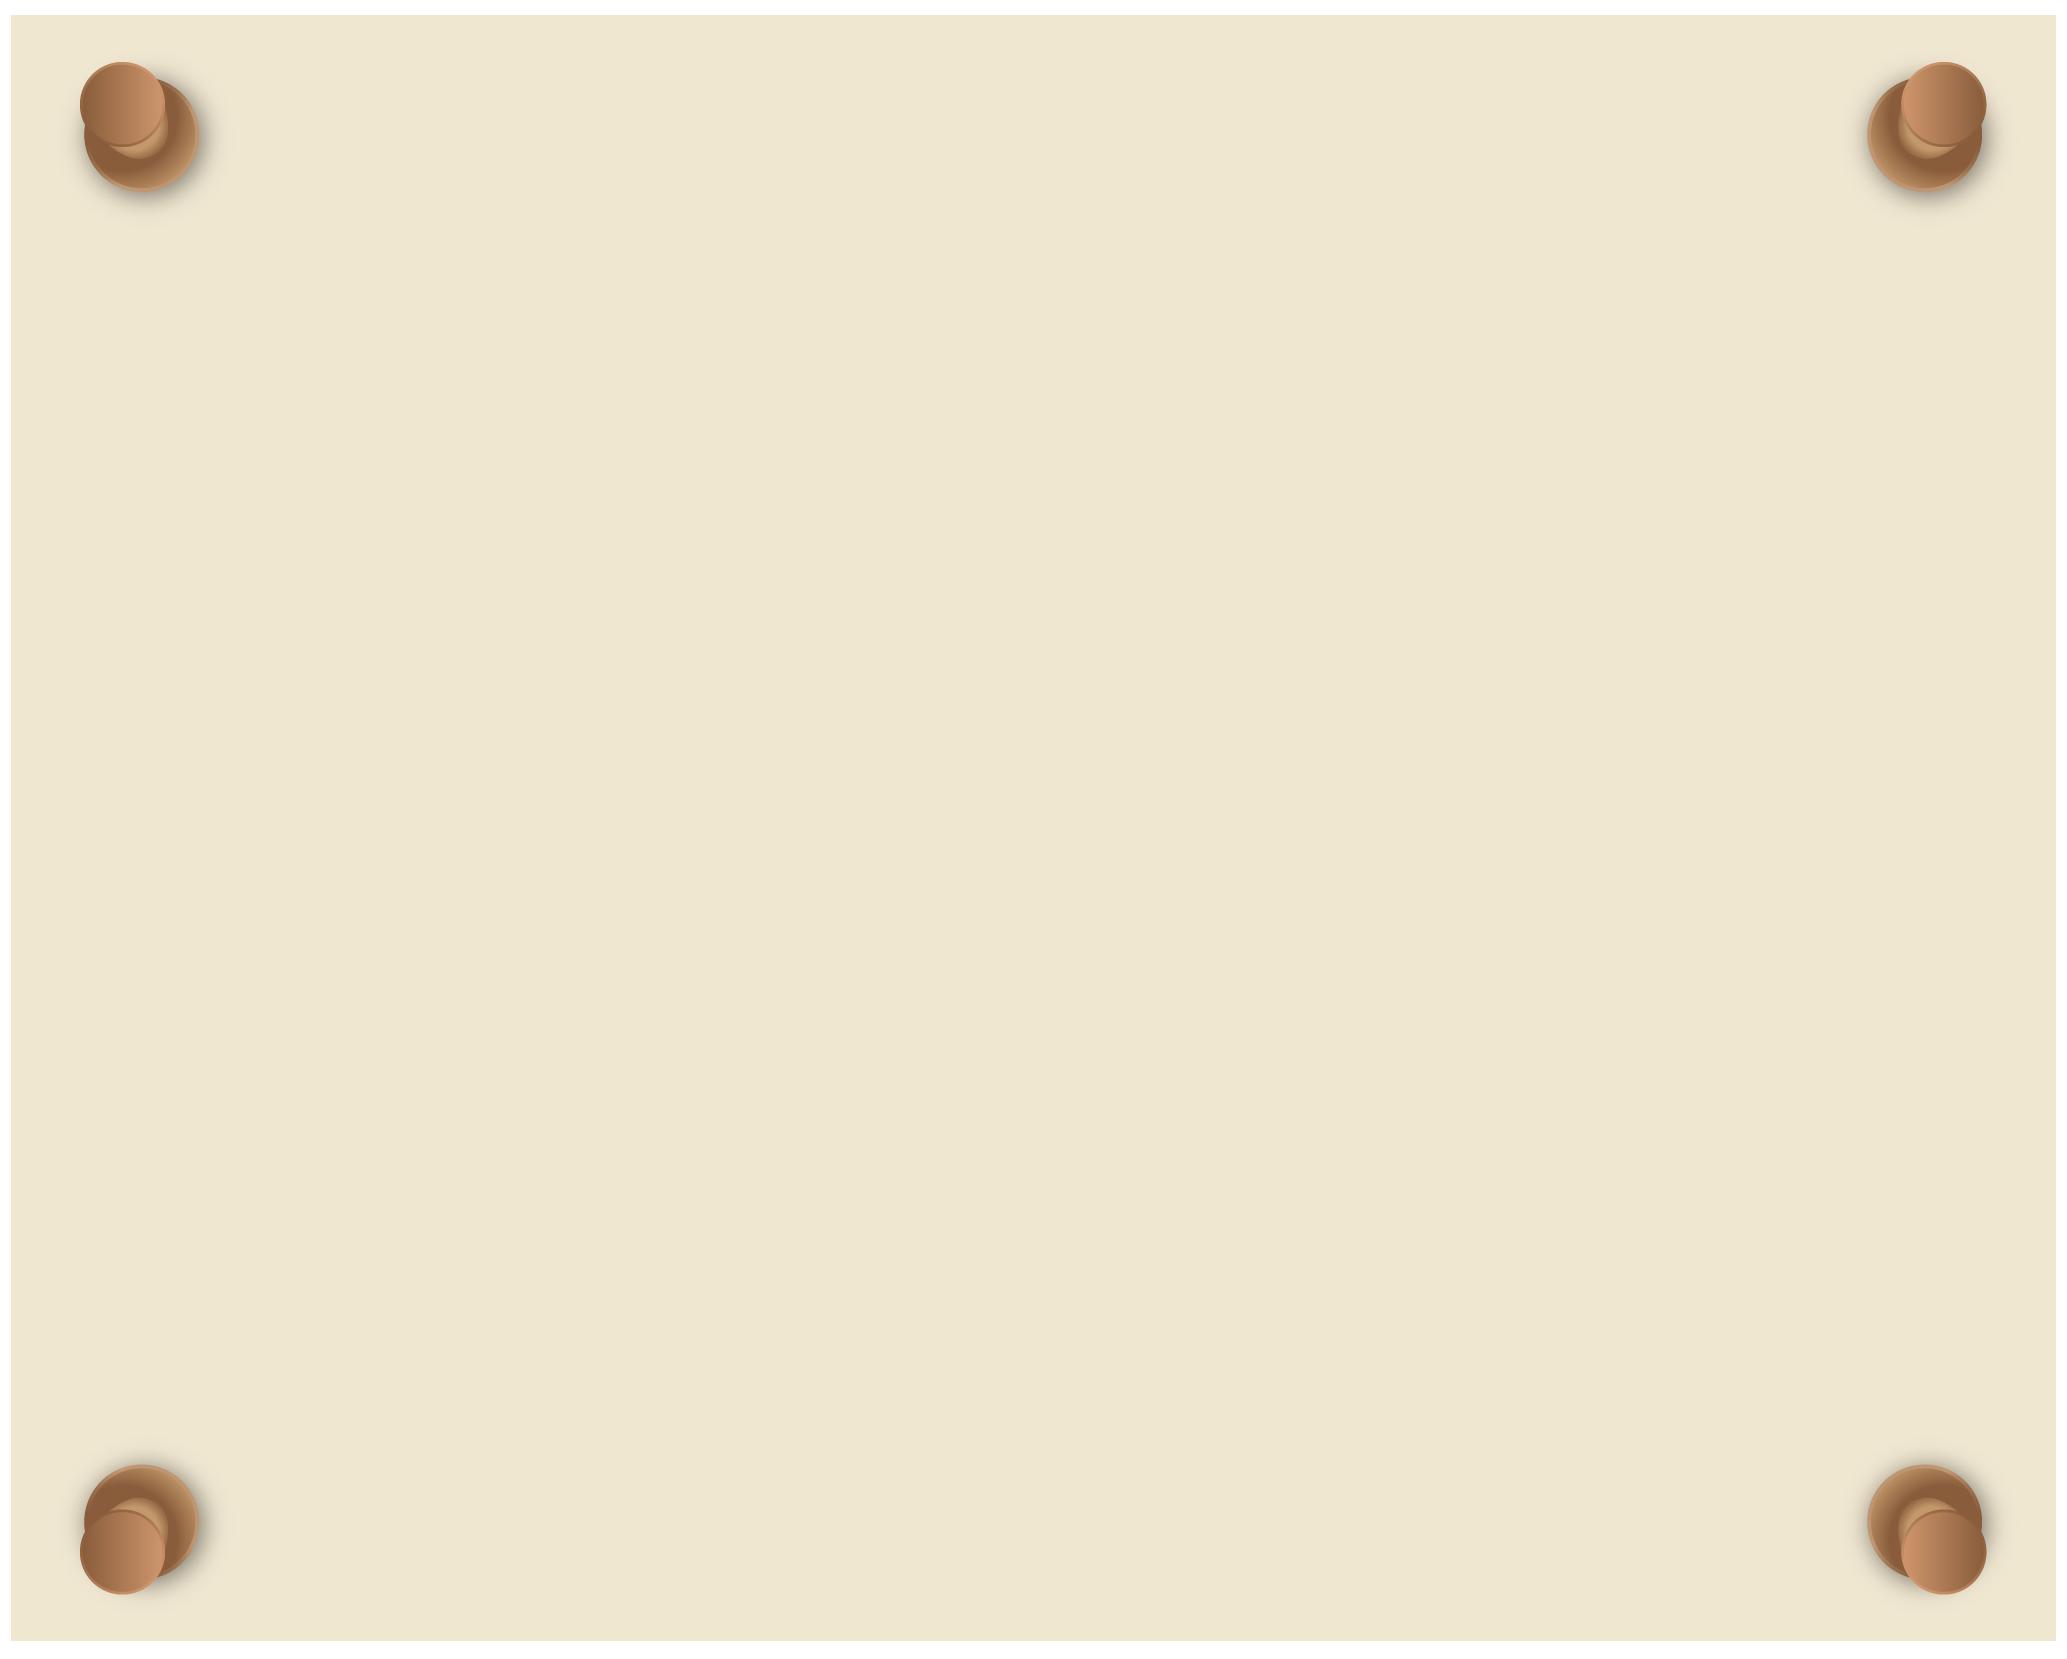 枠、フレームのフリー素材|ダウンロード49【素材っち】